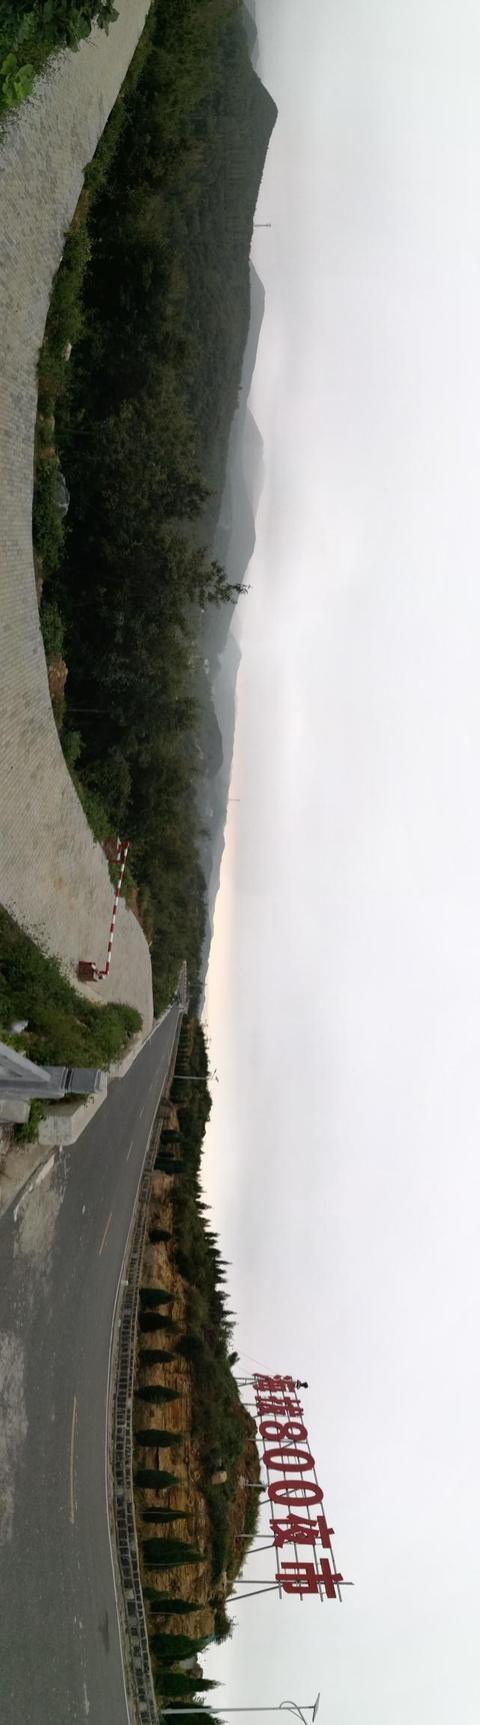 荥阳南20公里,巩义蝴蝶山除了山水宜人 又添海拔800米夜市 厉害